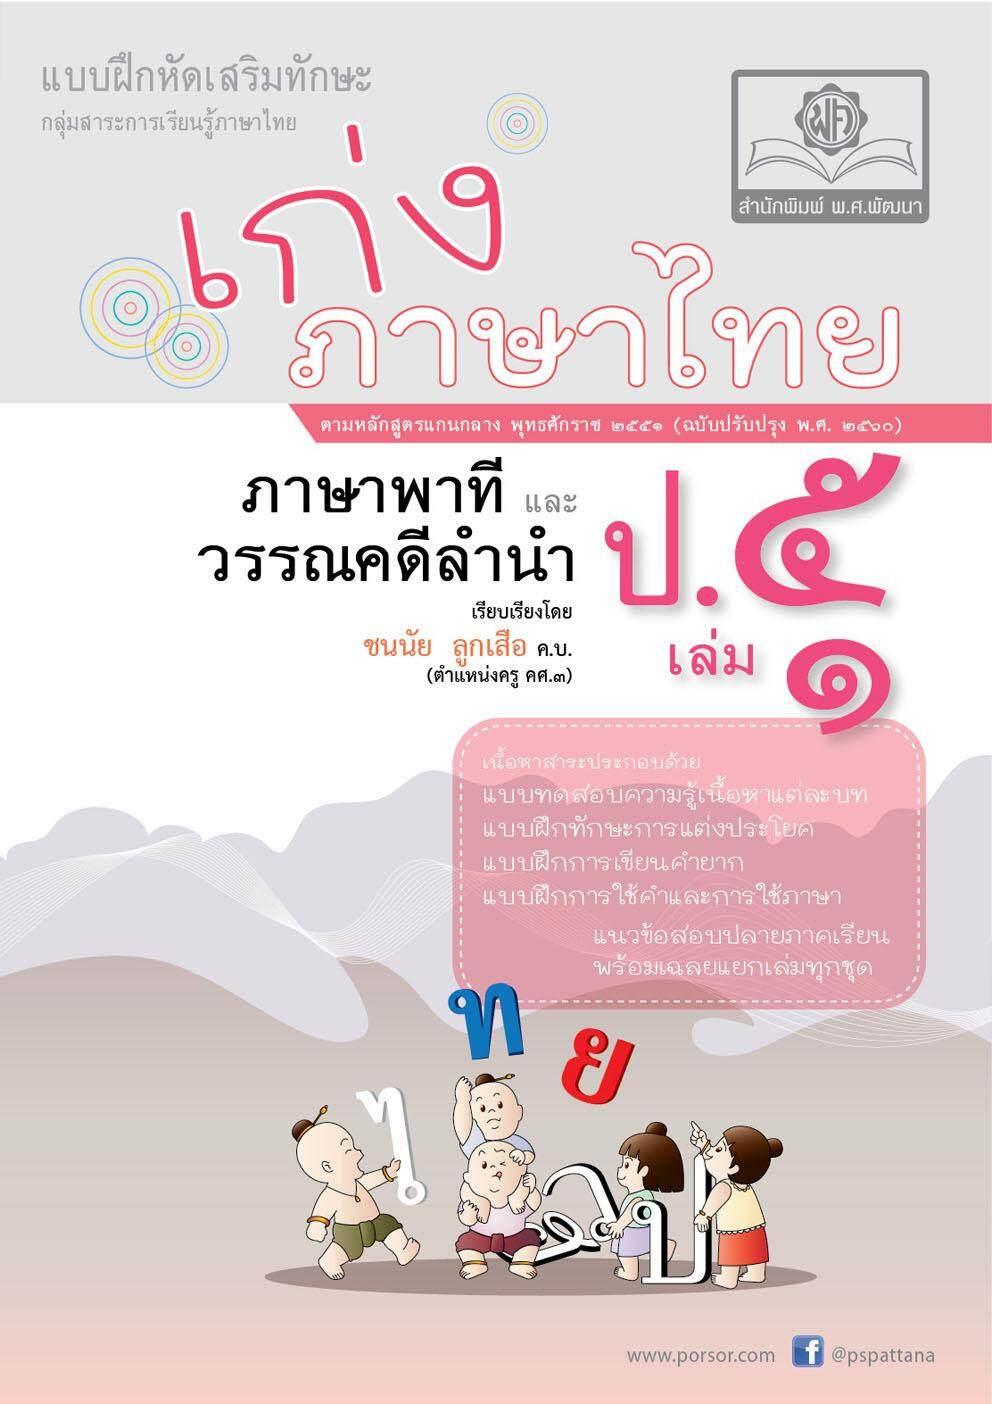 เก็บเงินปลายทางได้ เก่ง ภาษาไทย ป.5 เล่ม 1 ภาษาพาที วรรณคดีลำนำ